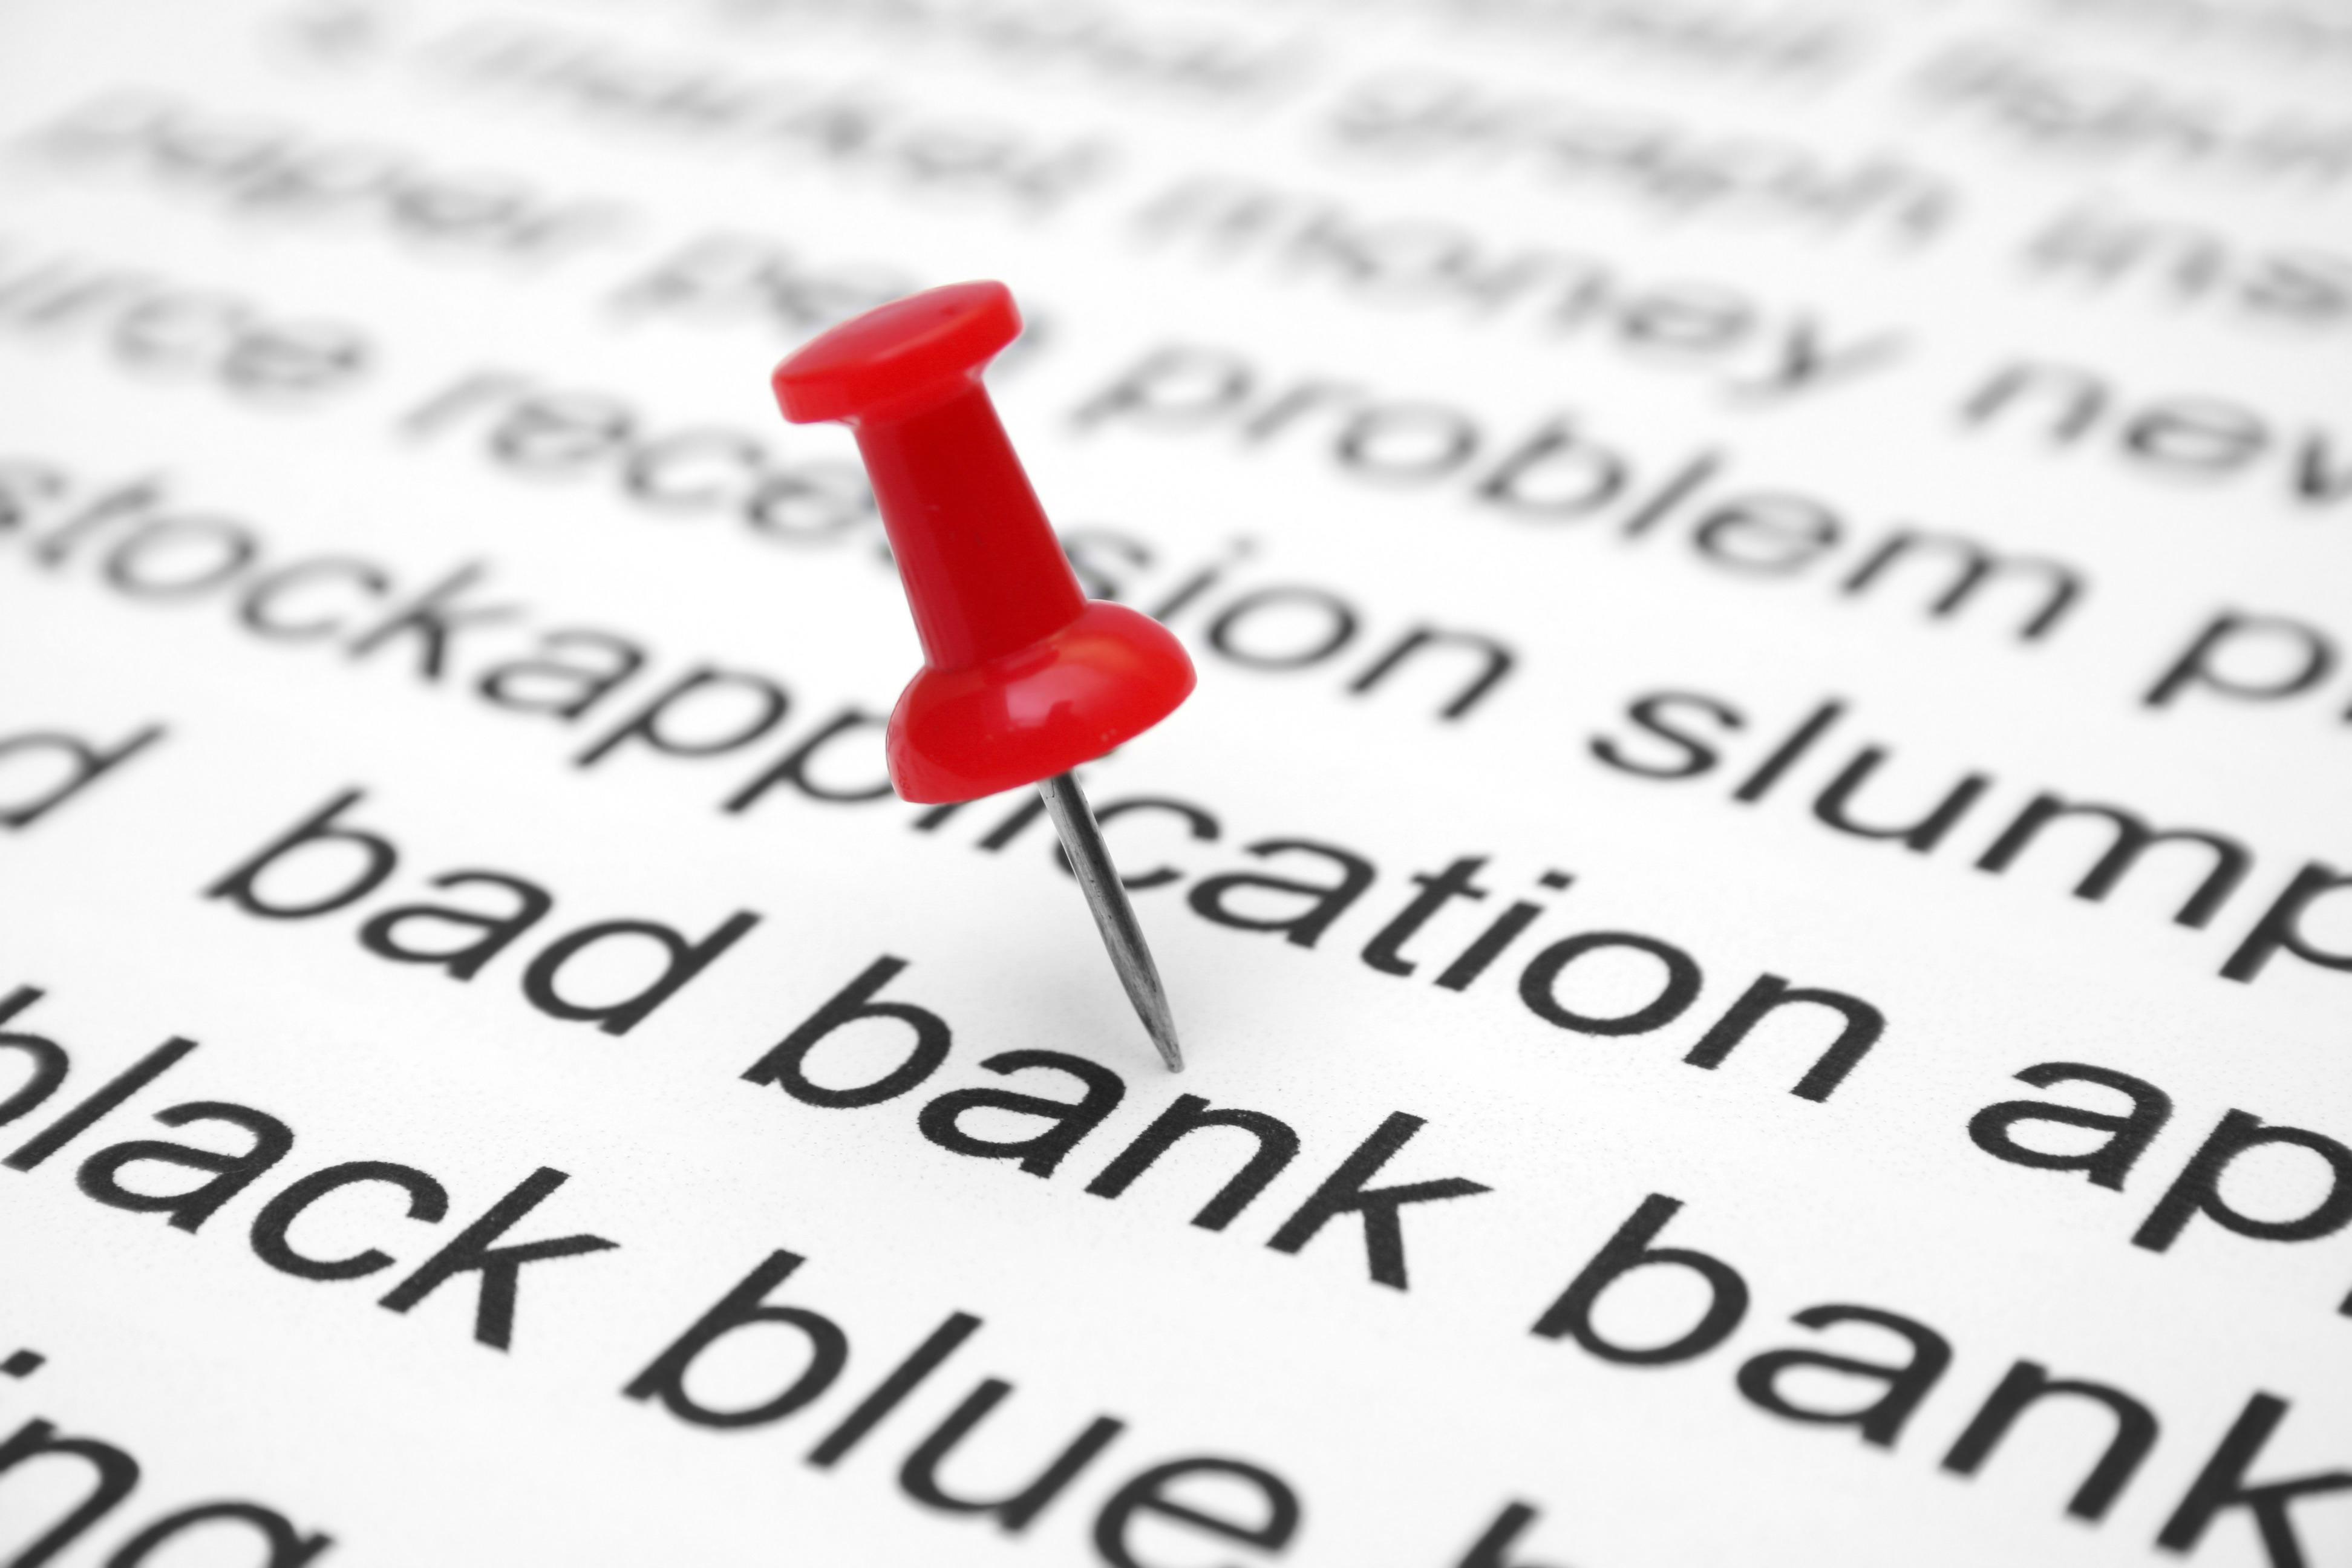 banque banque Ruiné à 78 ans, la solution Banque ou bien conseillers financiers? bank fyqwdHw